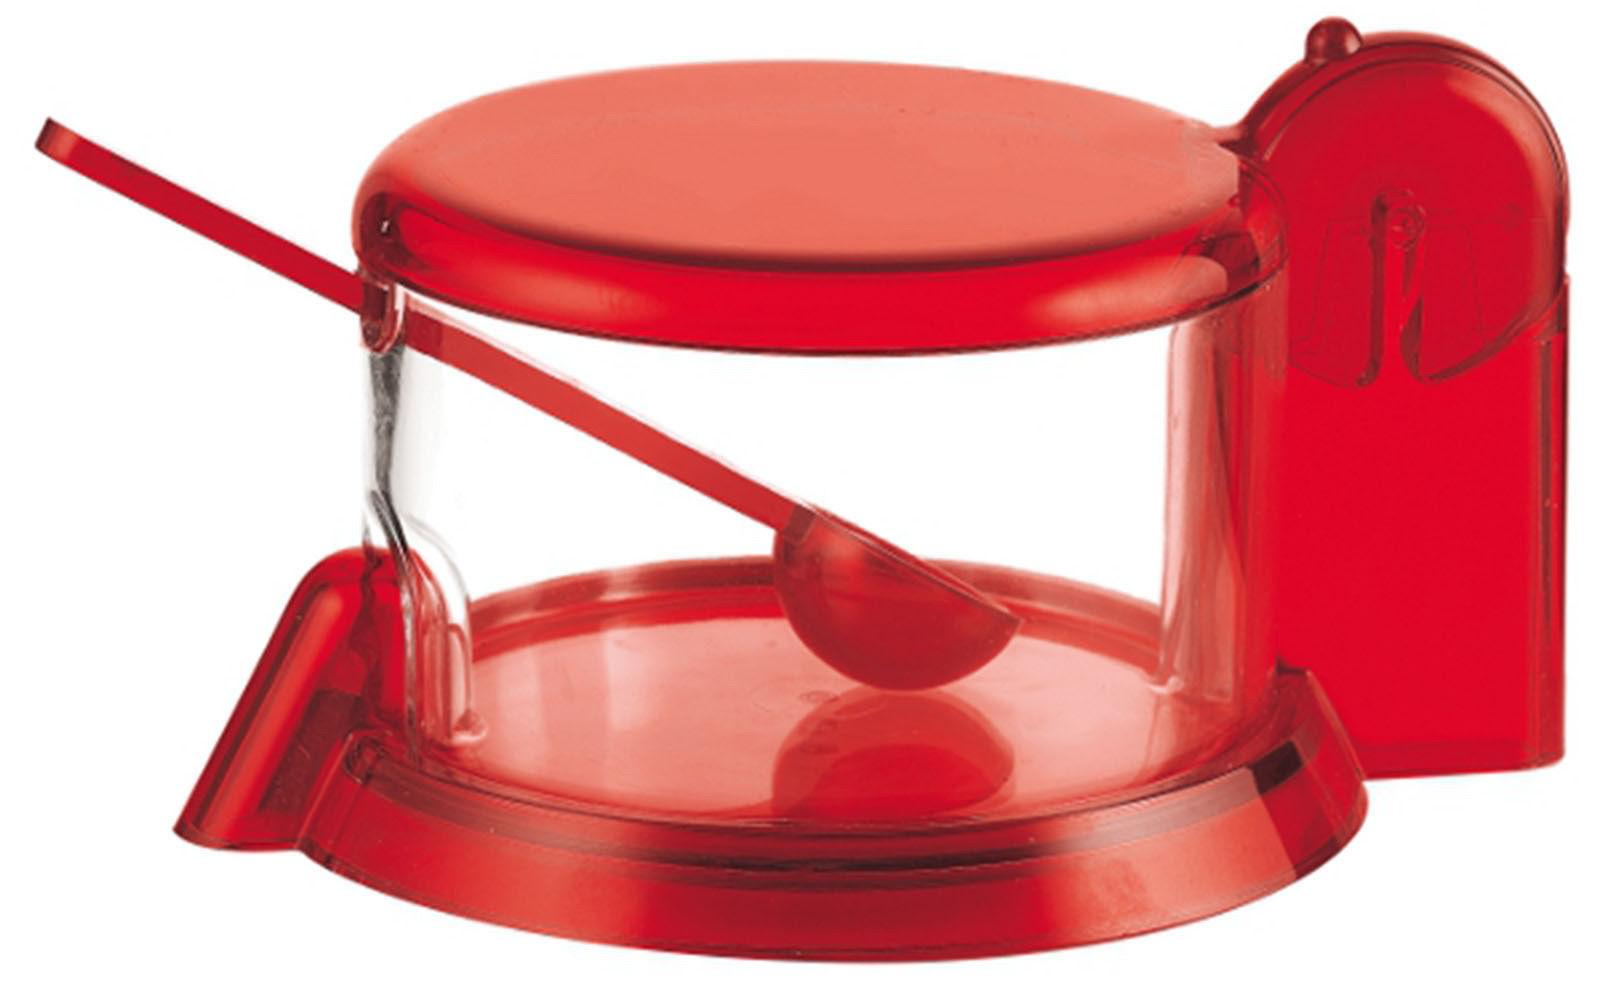 Formaggera zuccheriera rosso forme casa guzzini for Guzzini casa catalogo